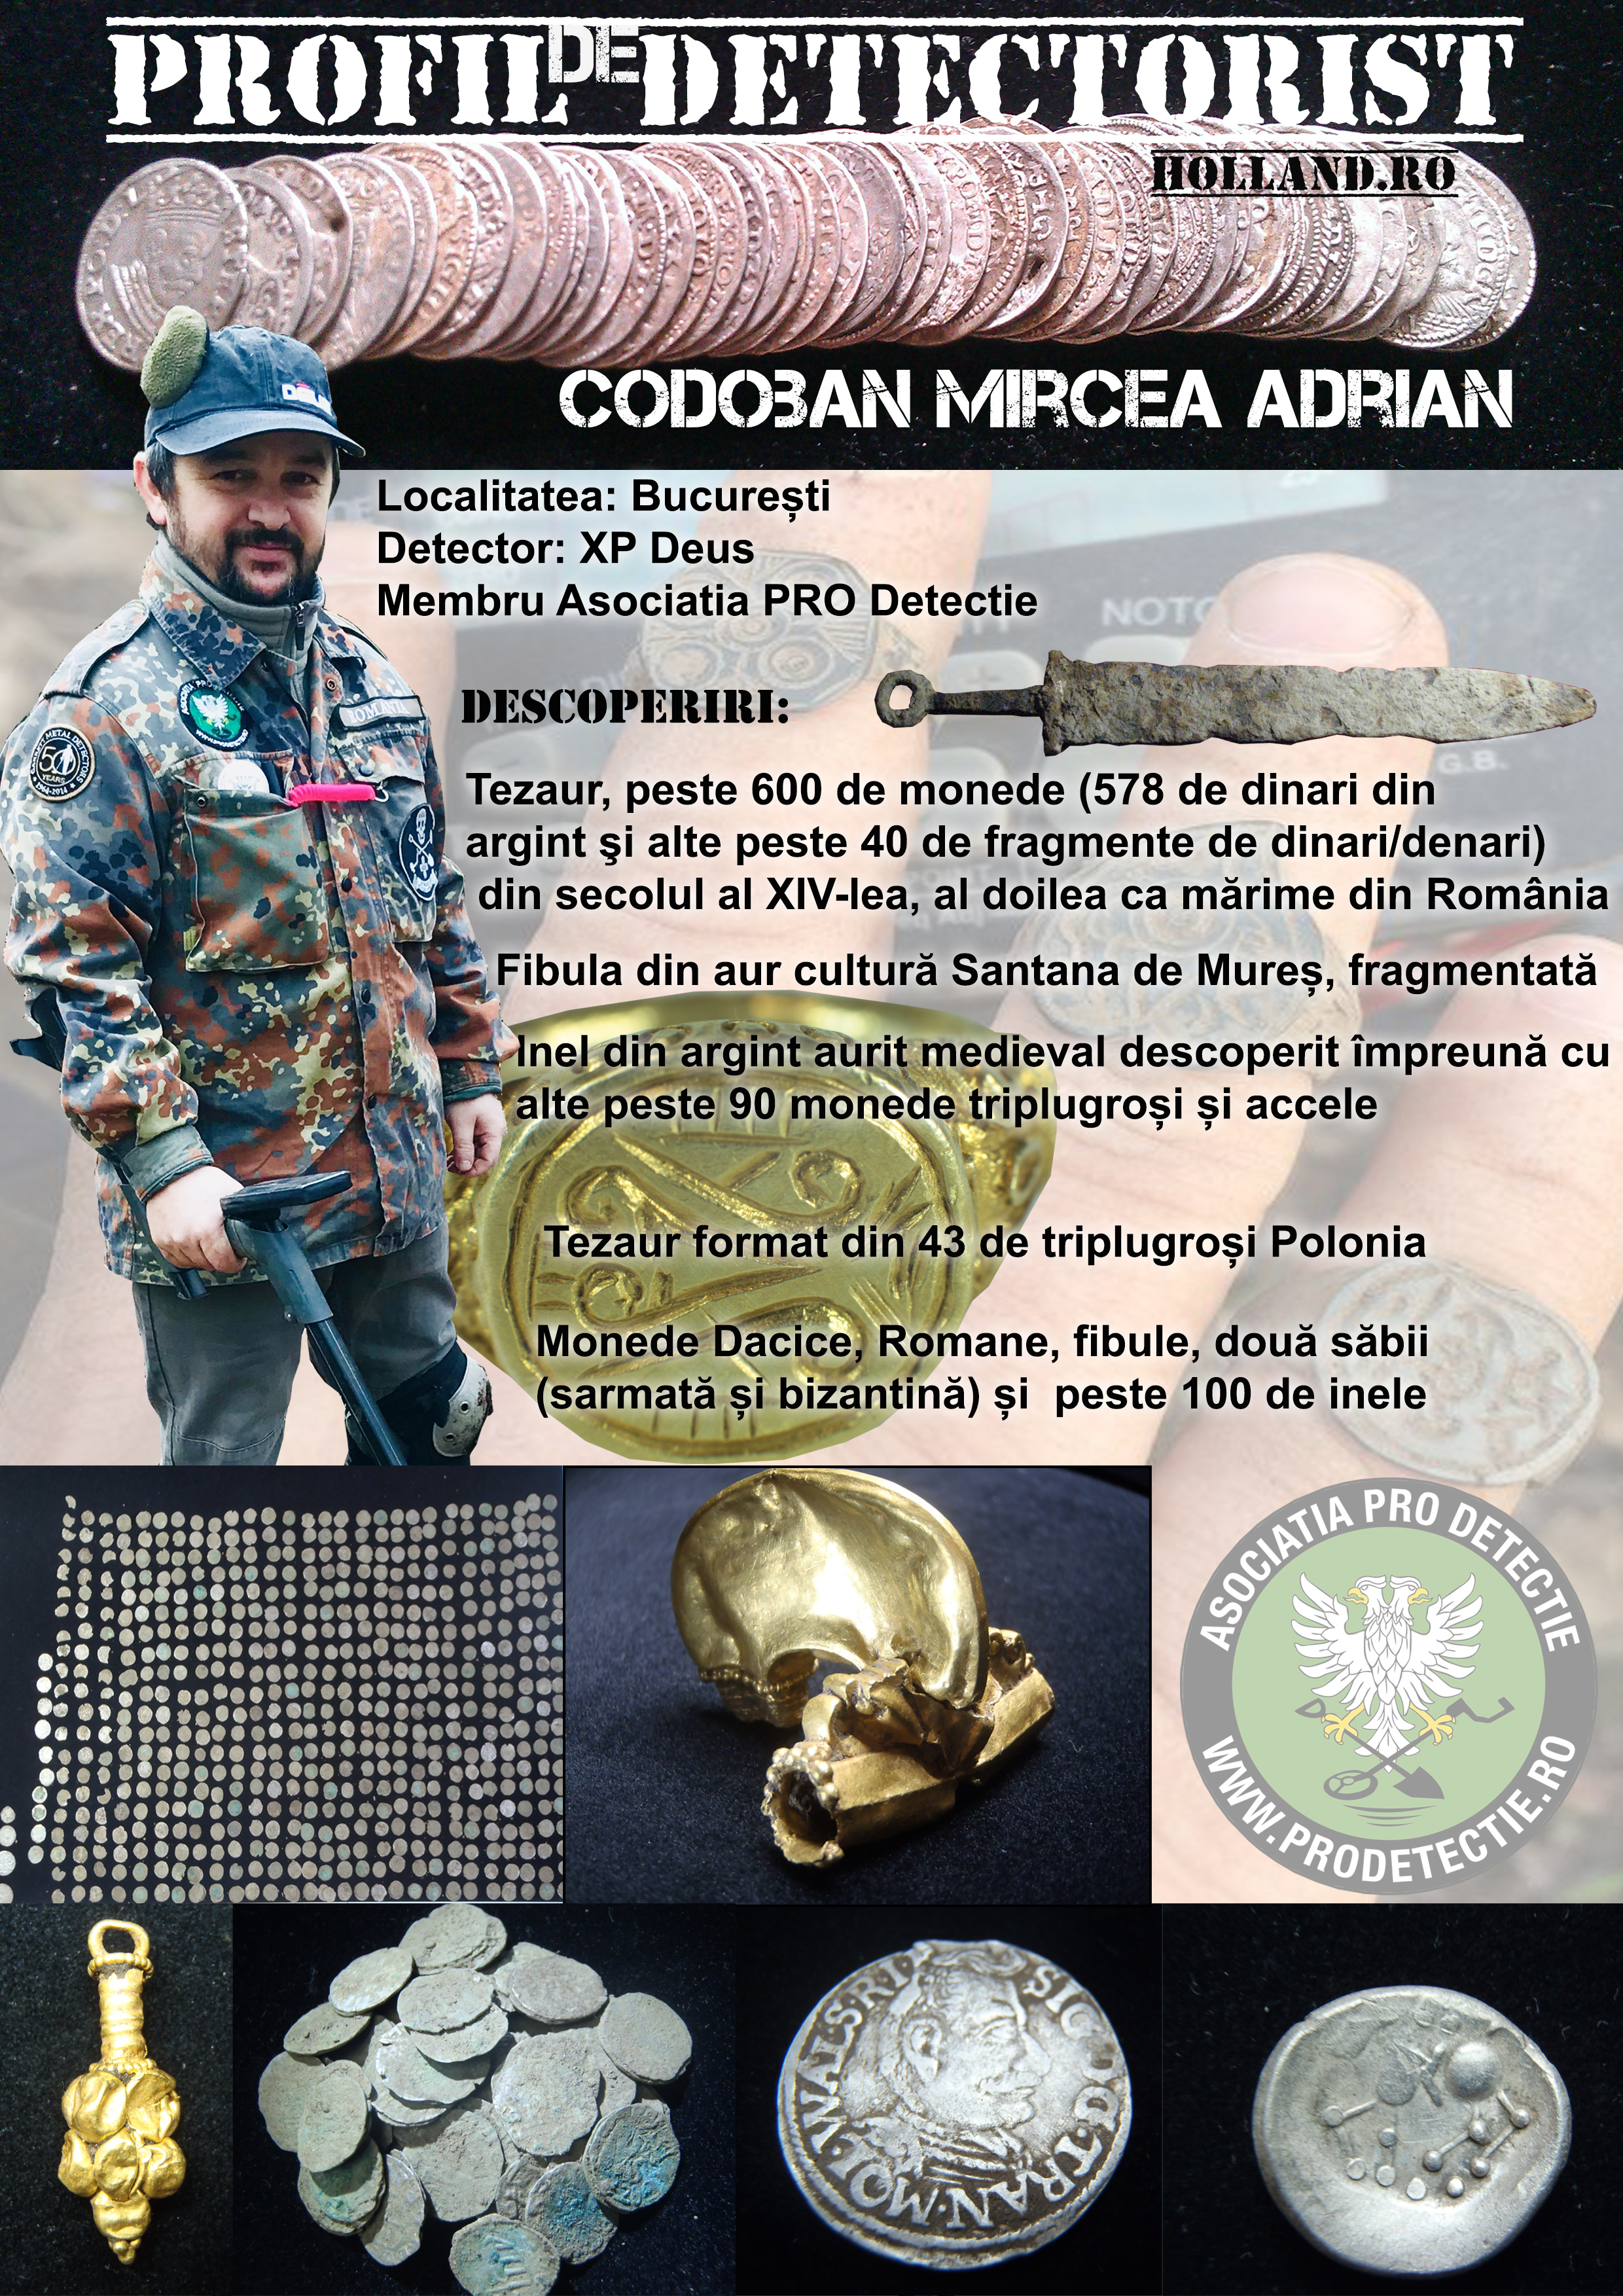 Profil de Detectorist – Codoban Mircea Adrian